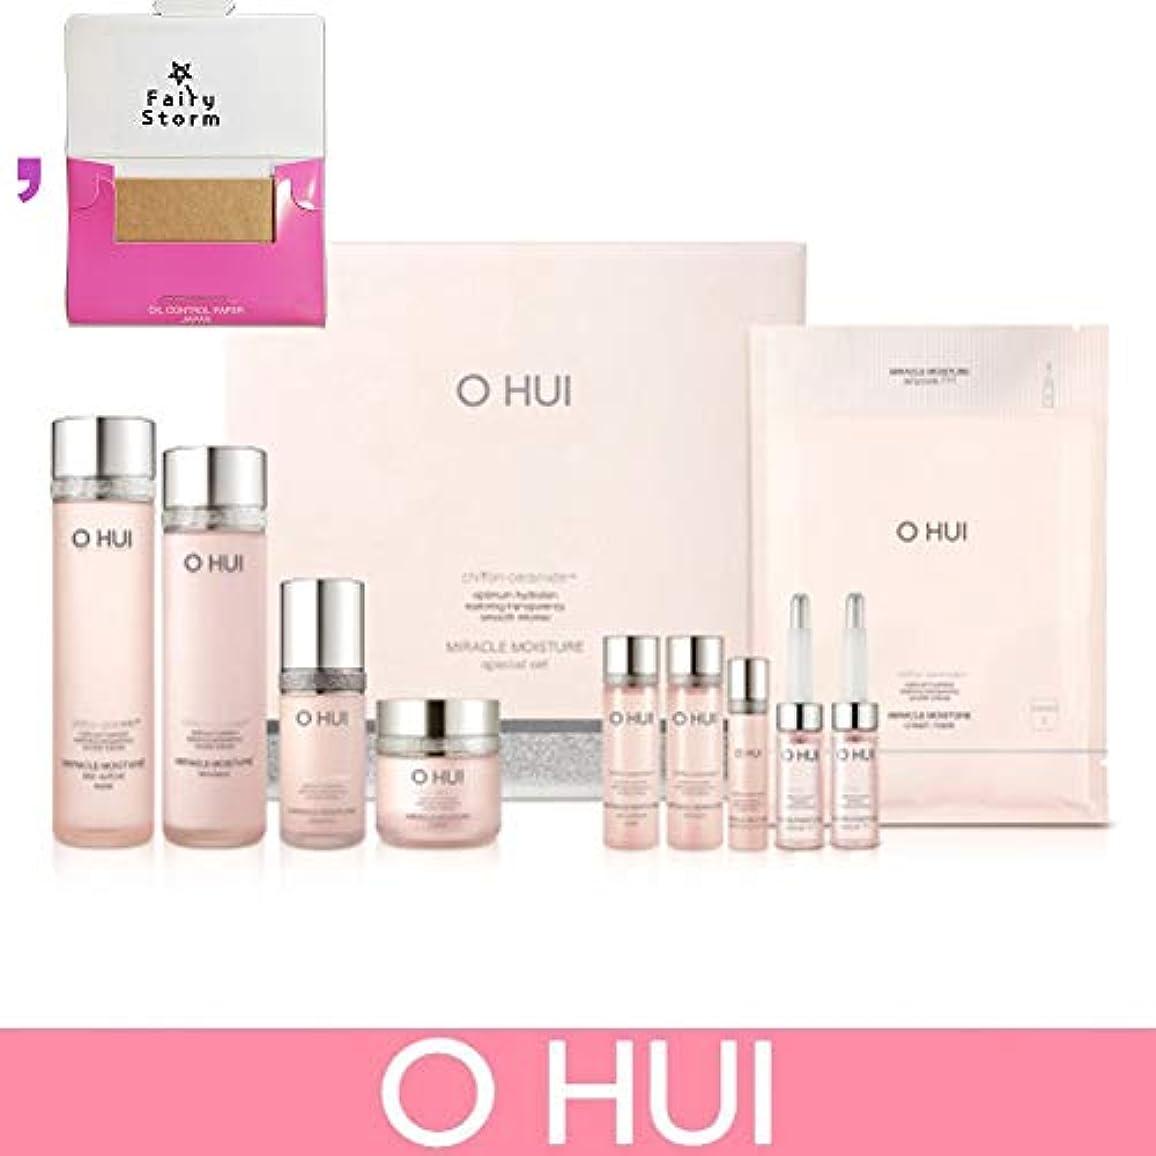 スーダン体操レイプ[オフィ/O HUI]韓国化粧品LG生活健康/Miracle Moisture 4 kinds of special set/ミラクルモイスチャー 4種のスペシャルセット+[Sample Gift](海外直送品)